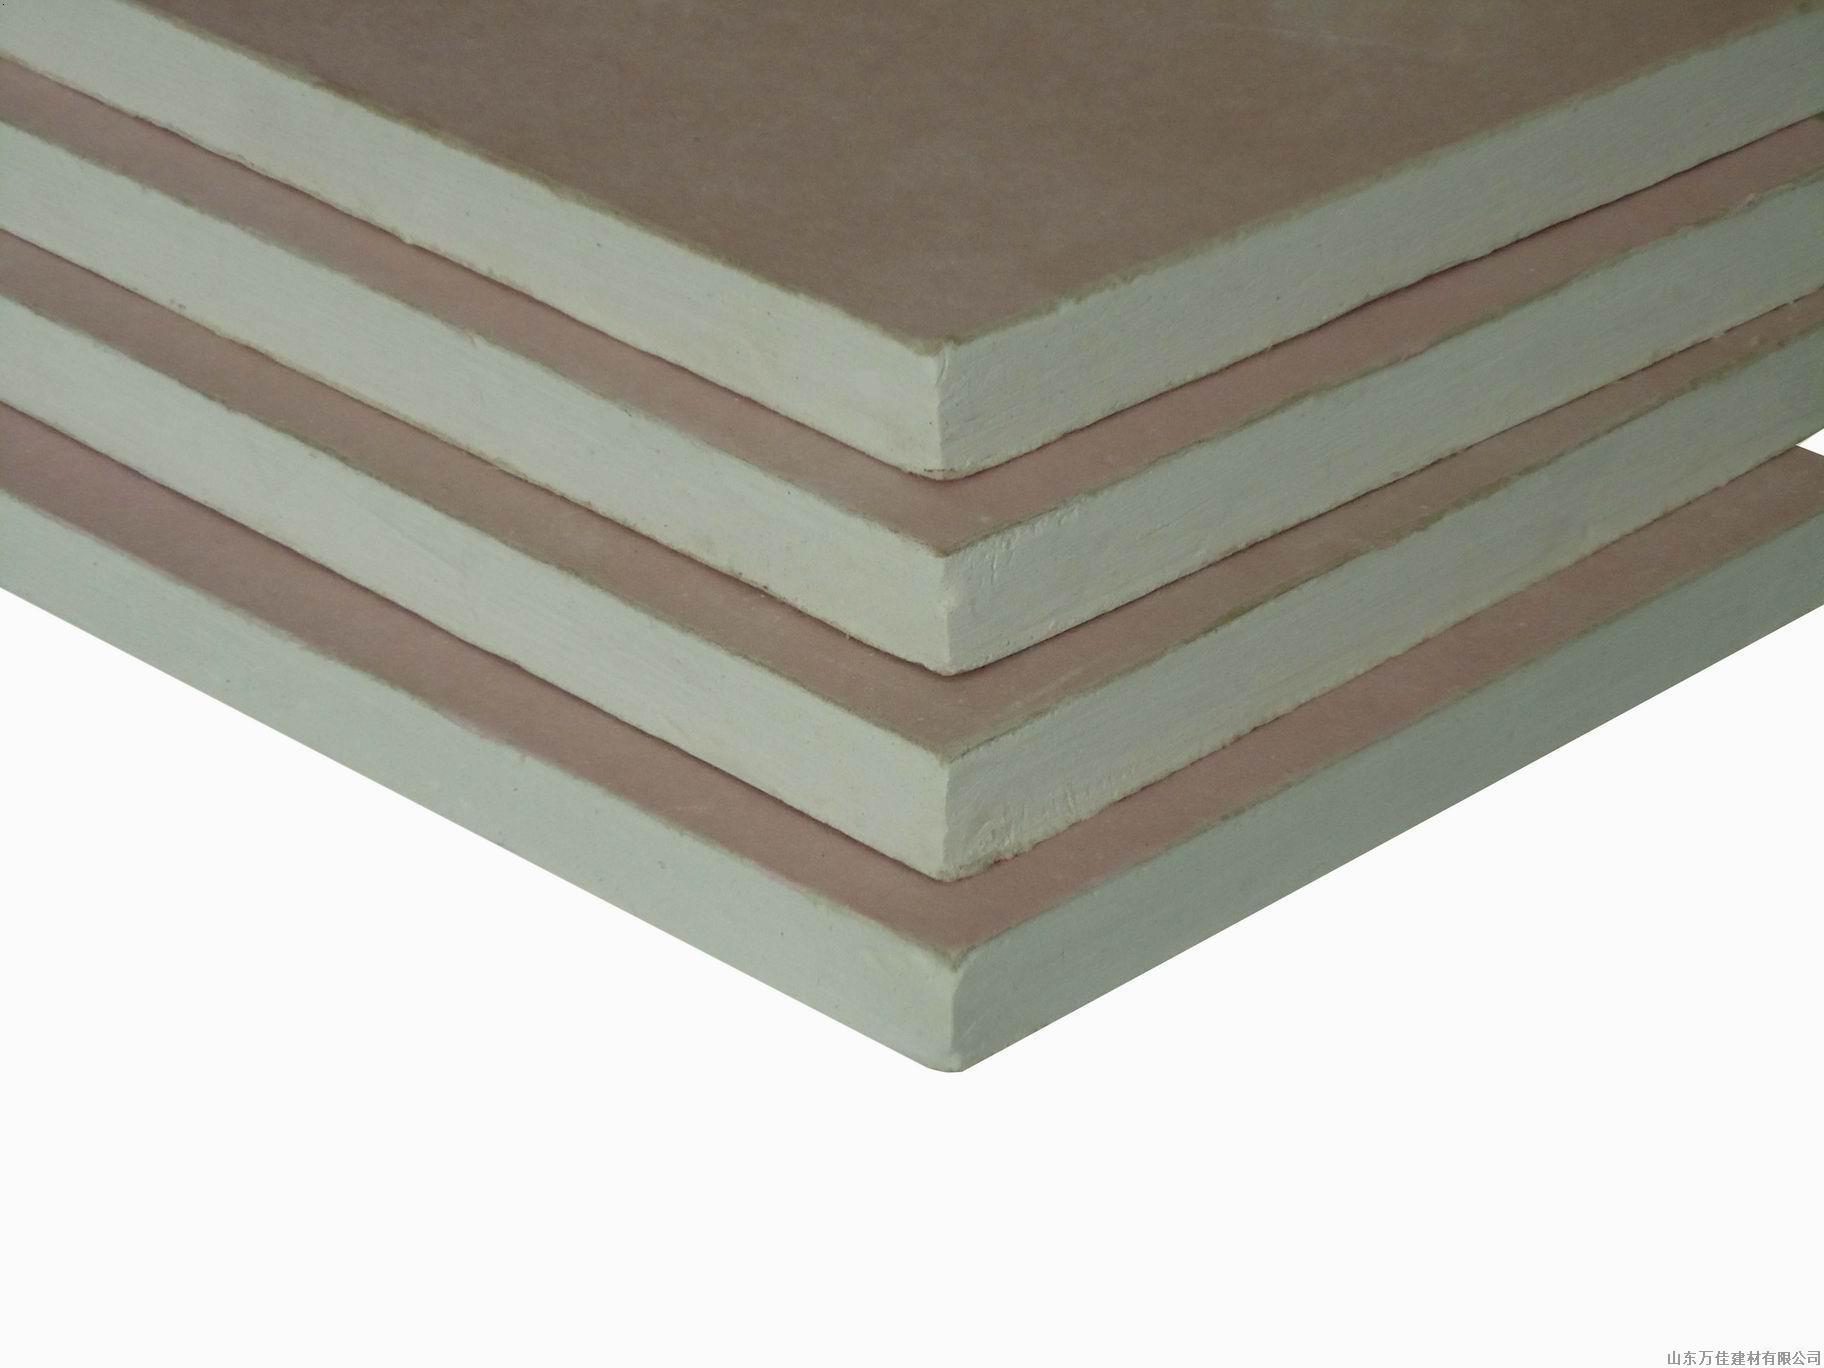 详情:普通纸面石膏板